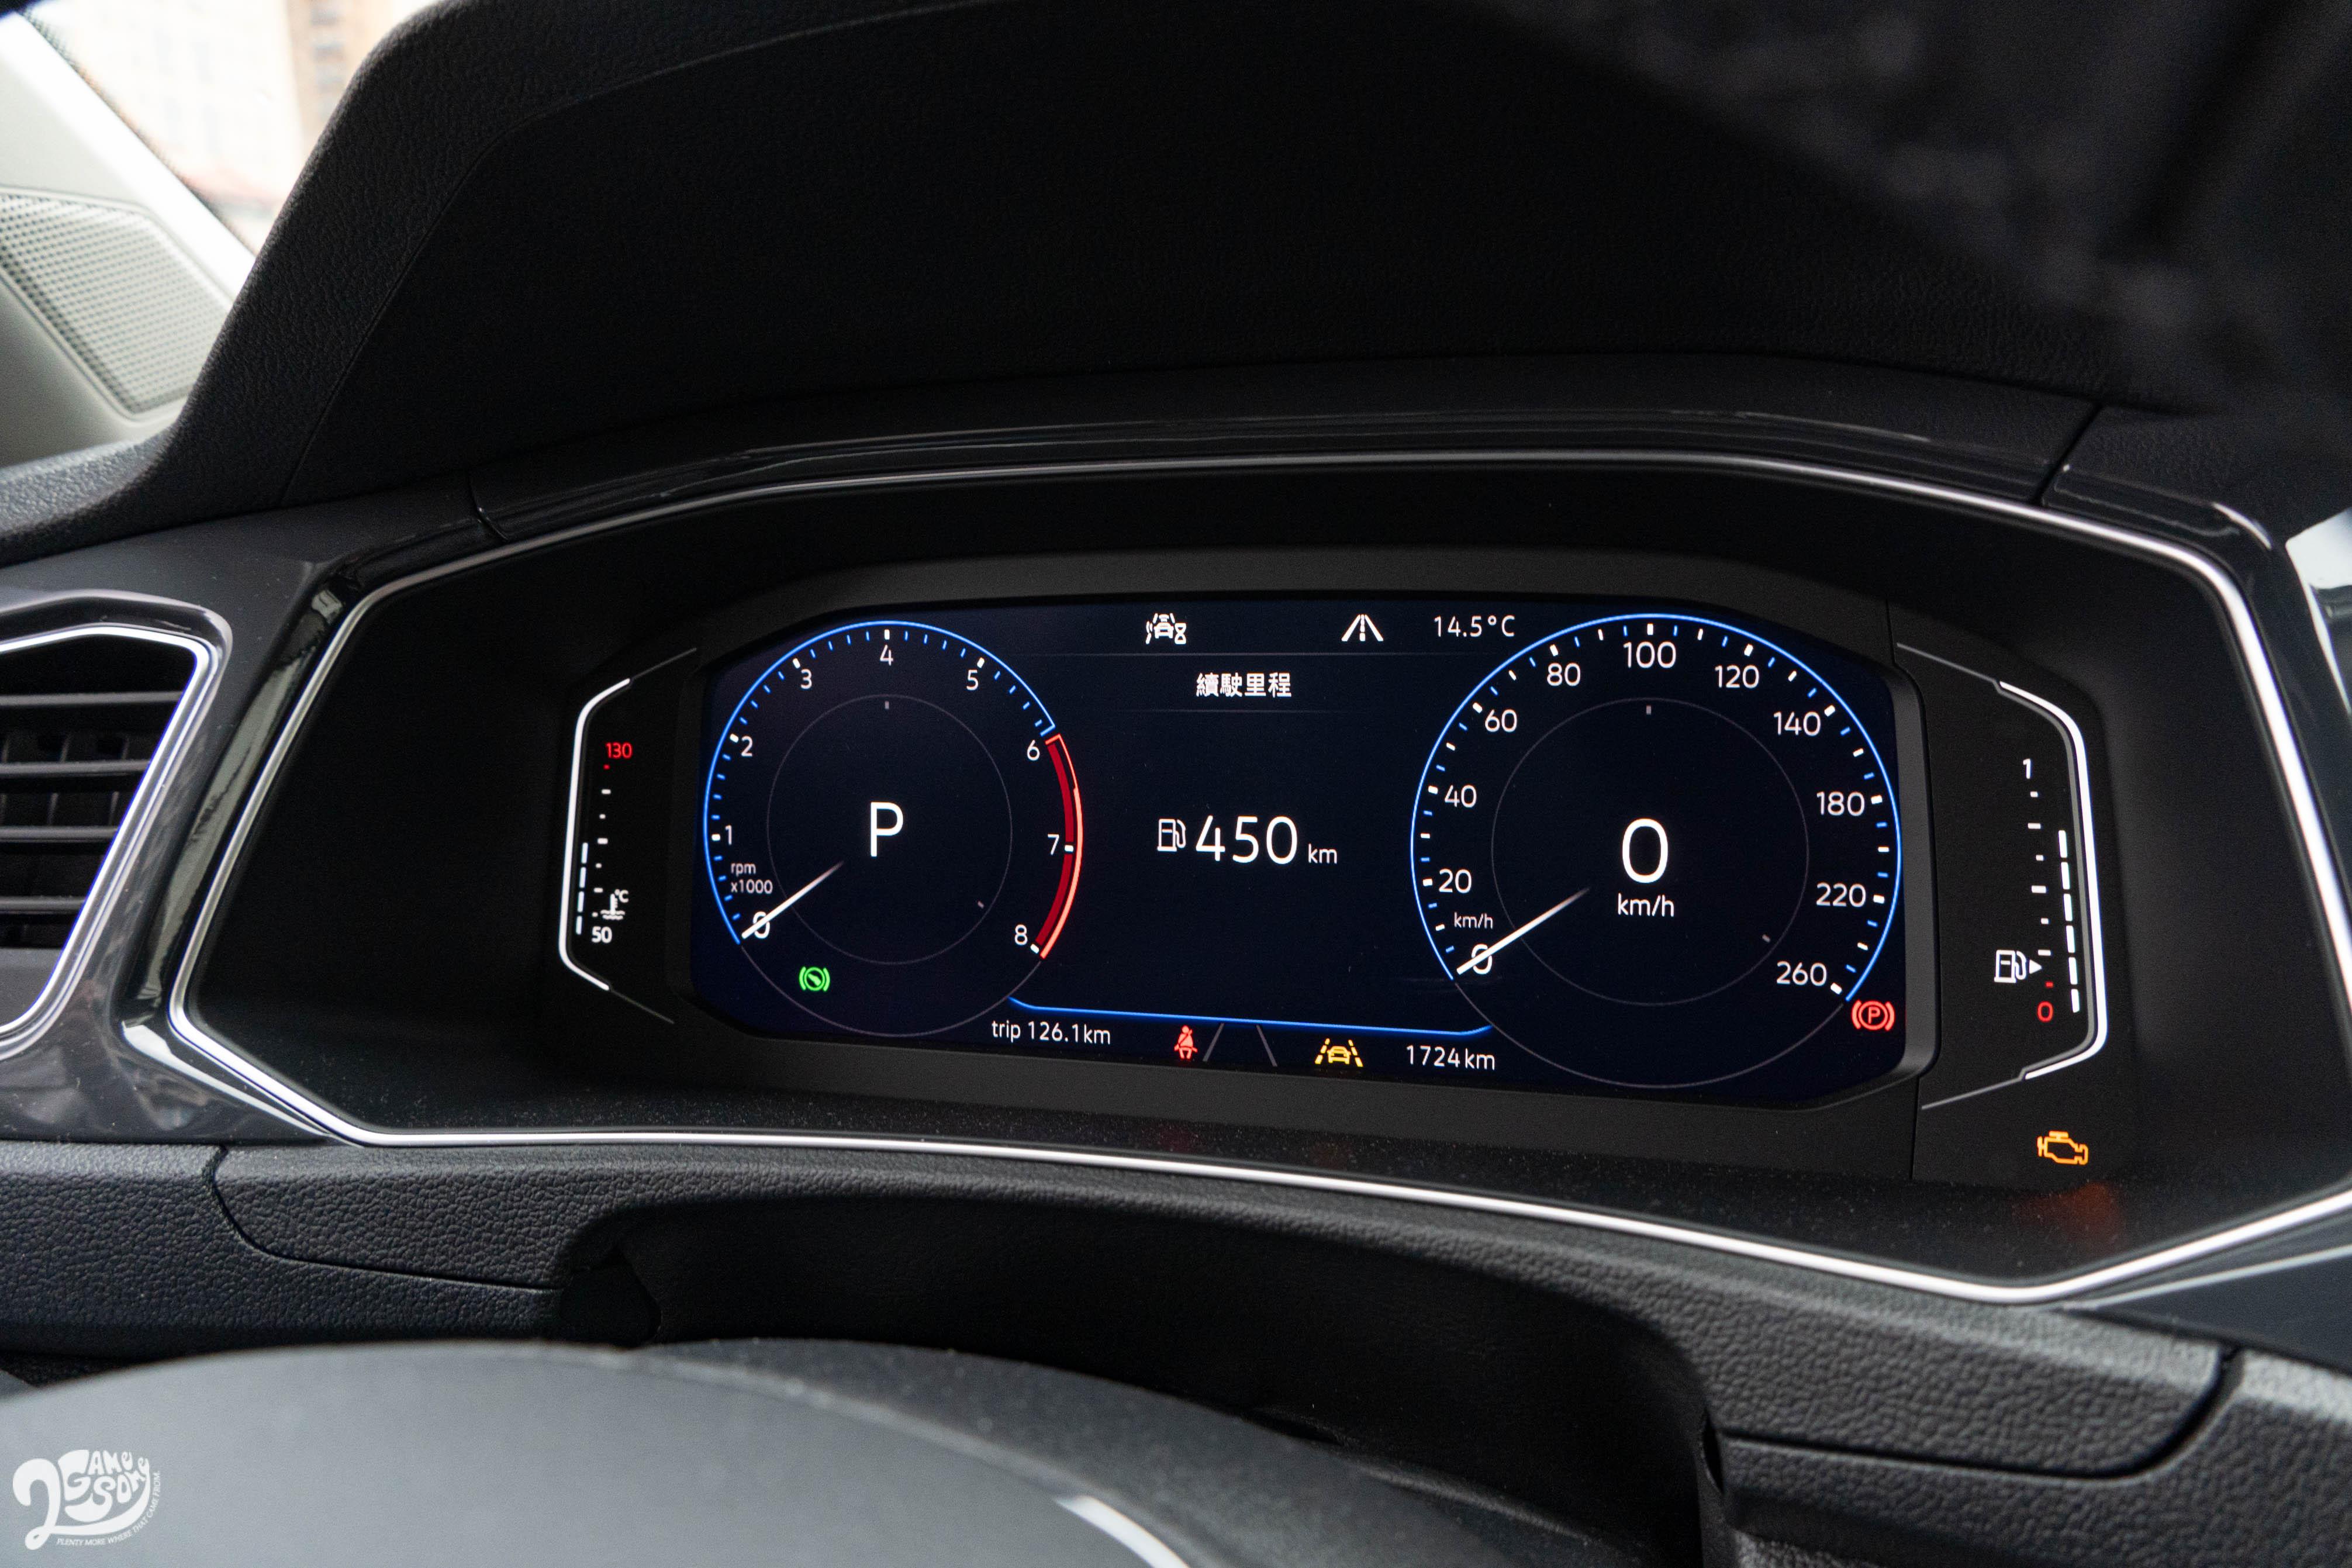 標配 Digital Cockpit Pro 10.25 吋全邏輯數位化儀表。